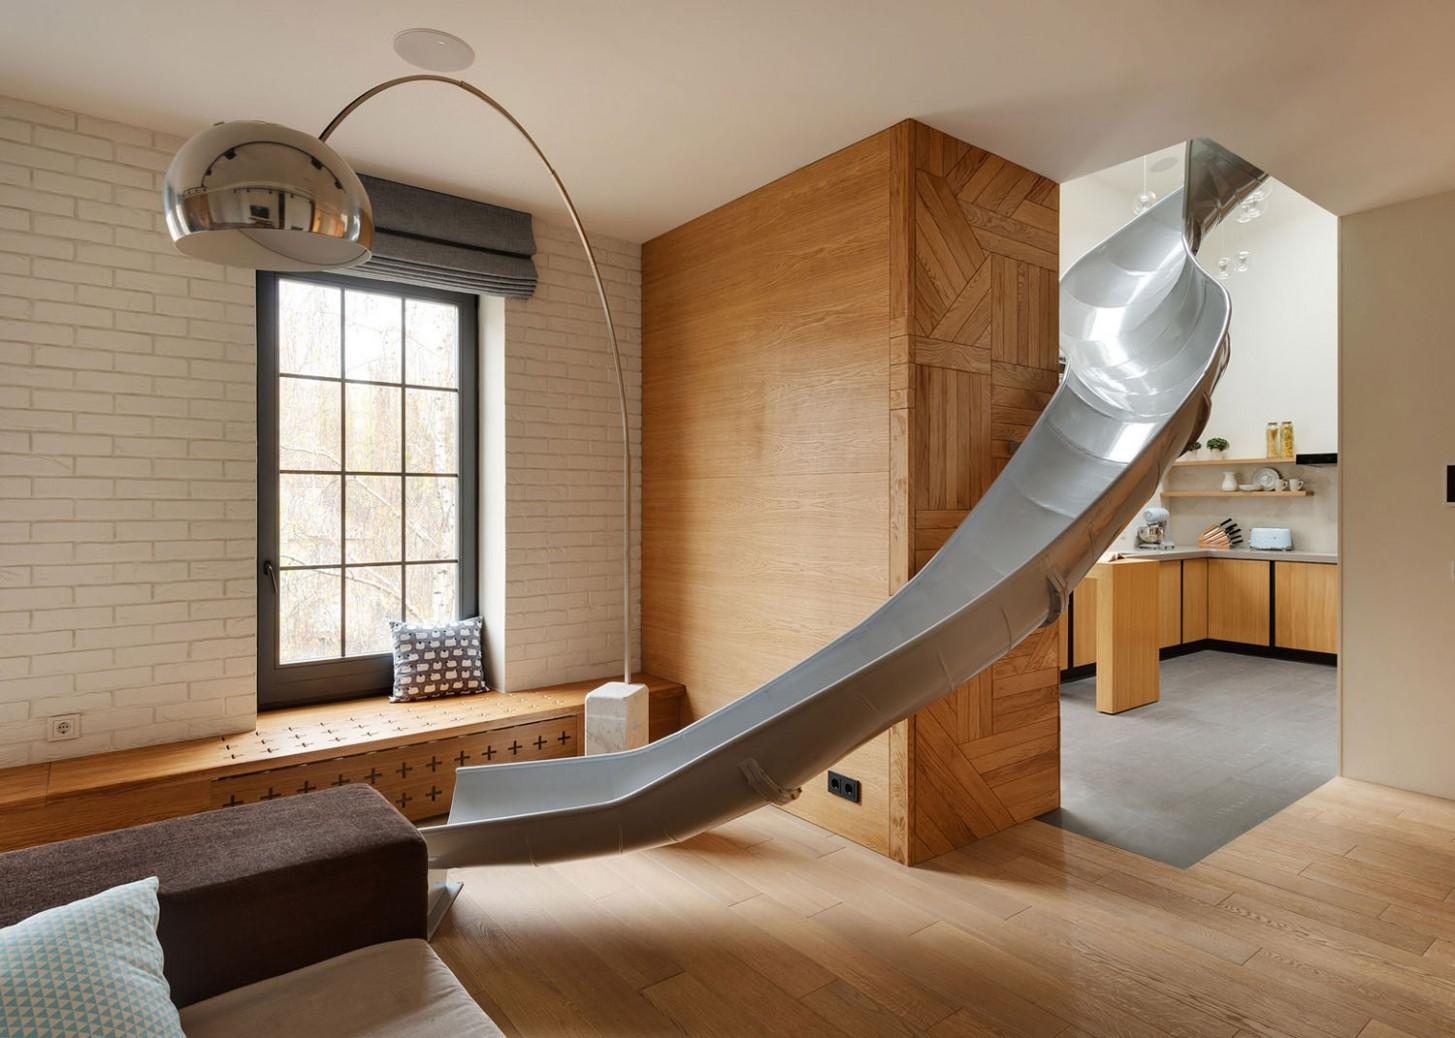 Inspiring Modern Duplex Apartment In Ukraine With A Slide  - Apartment Duplex Design